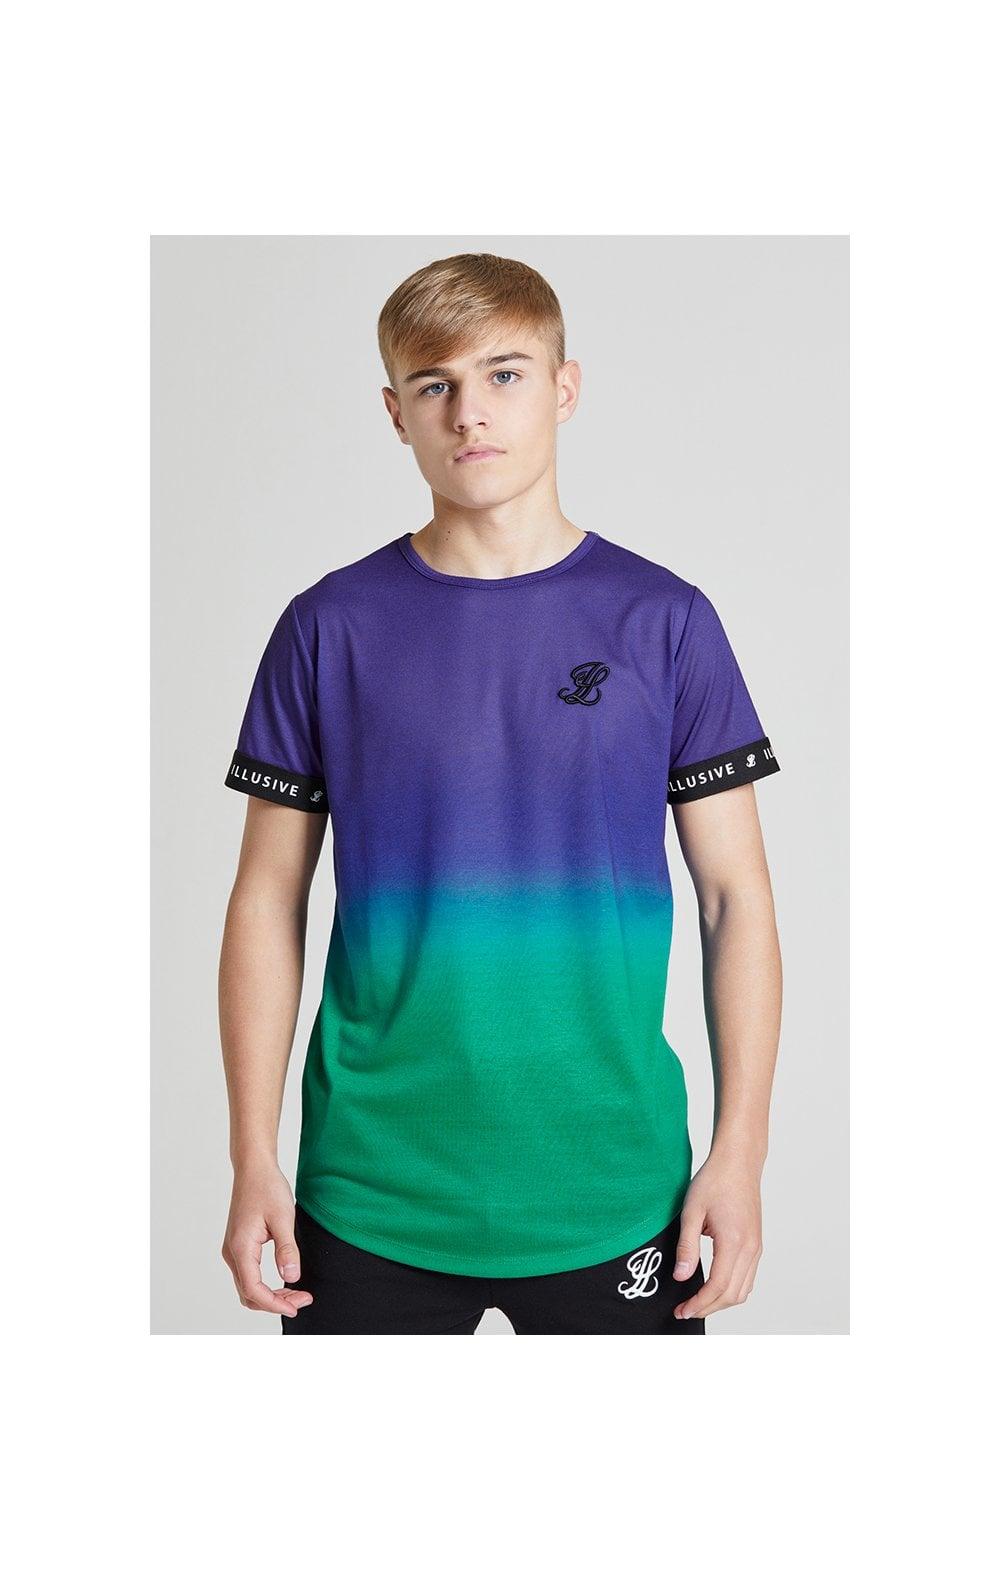 Illusive London Fade Tech Tee - Purple & Teal Green  Kids Top Size